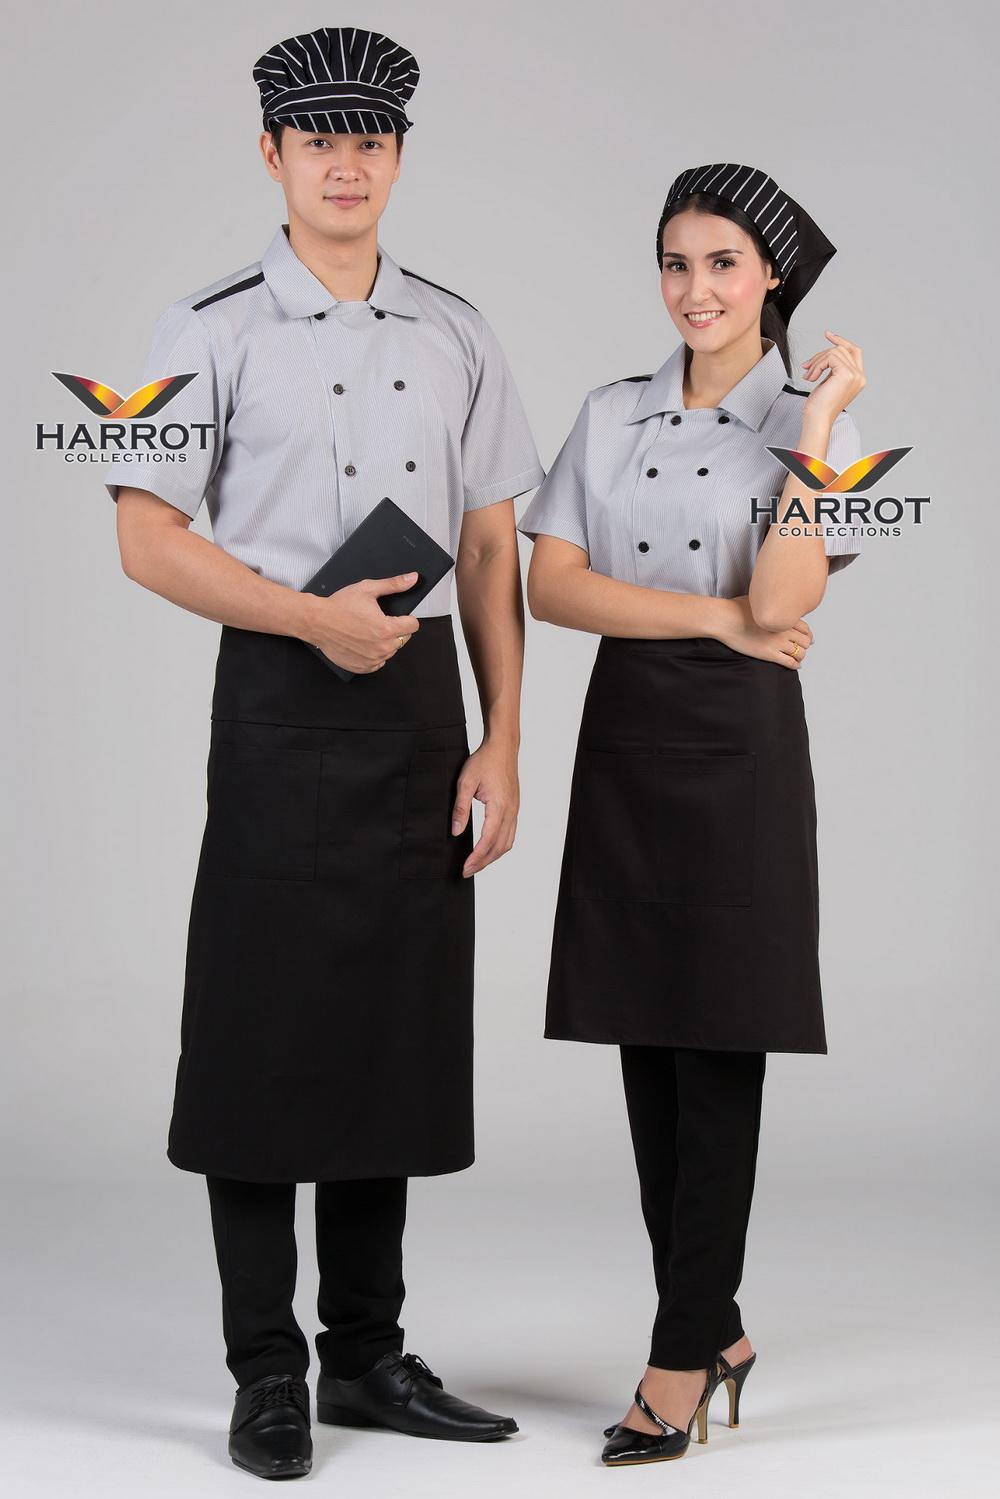 เสื้อพนักงานเสิร์ฟ เสื้อเสิร์ฟ เสื้อเชิ้ต เสื้อฟอร์ม เสื้อพนักงานต้อนรับ ชุดพนักงานเสิร์ฟ กระดุม 2 แถว ลายริ้วเทา (SHI2101)